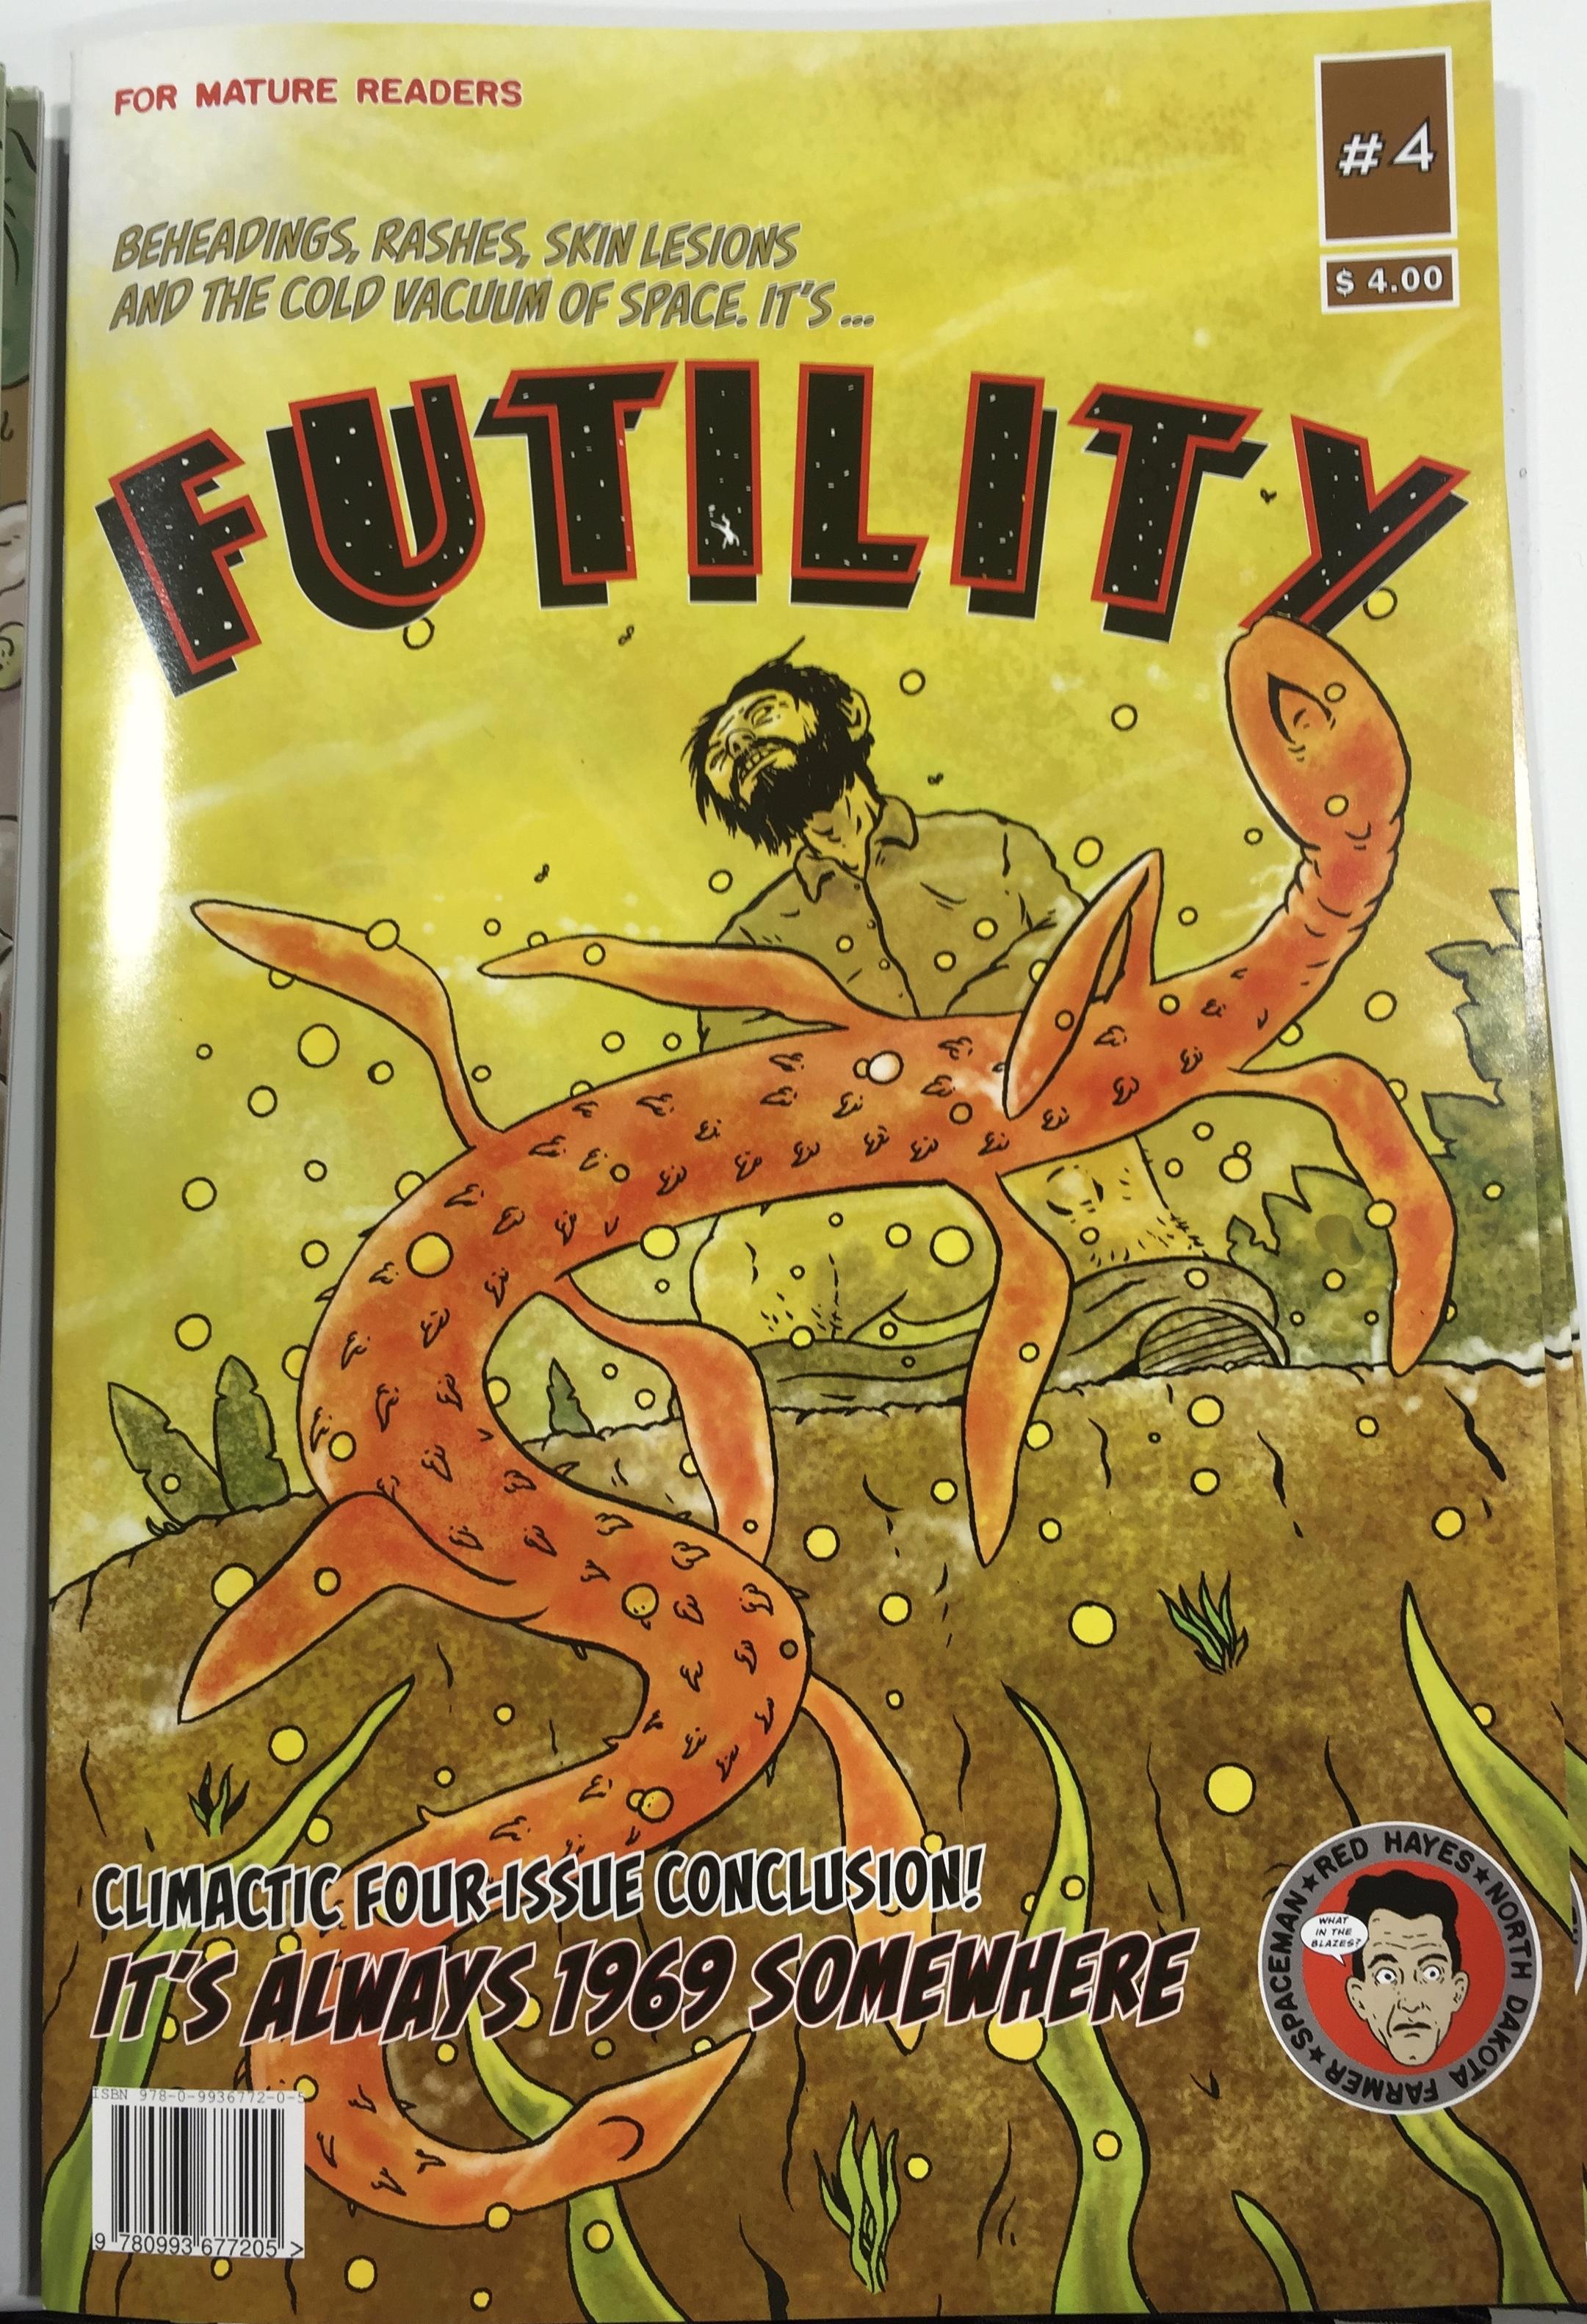 Futility4_GeekNerdNet_CalgaryExpo2016.JPG